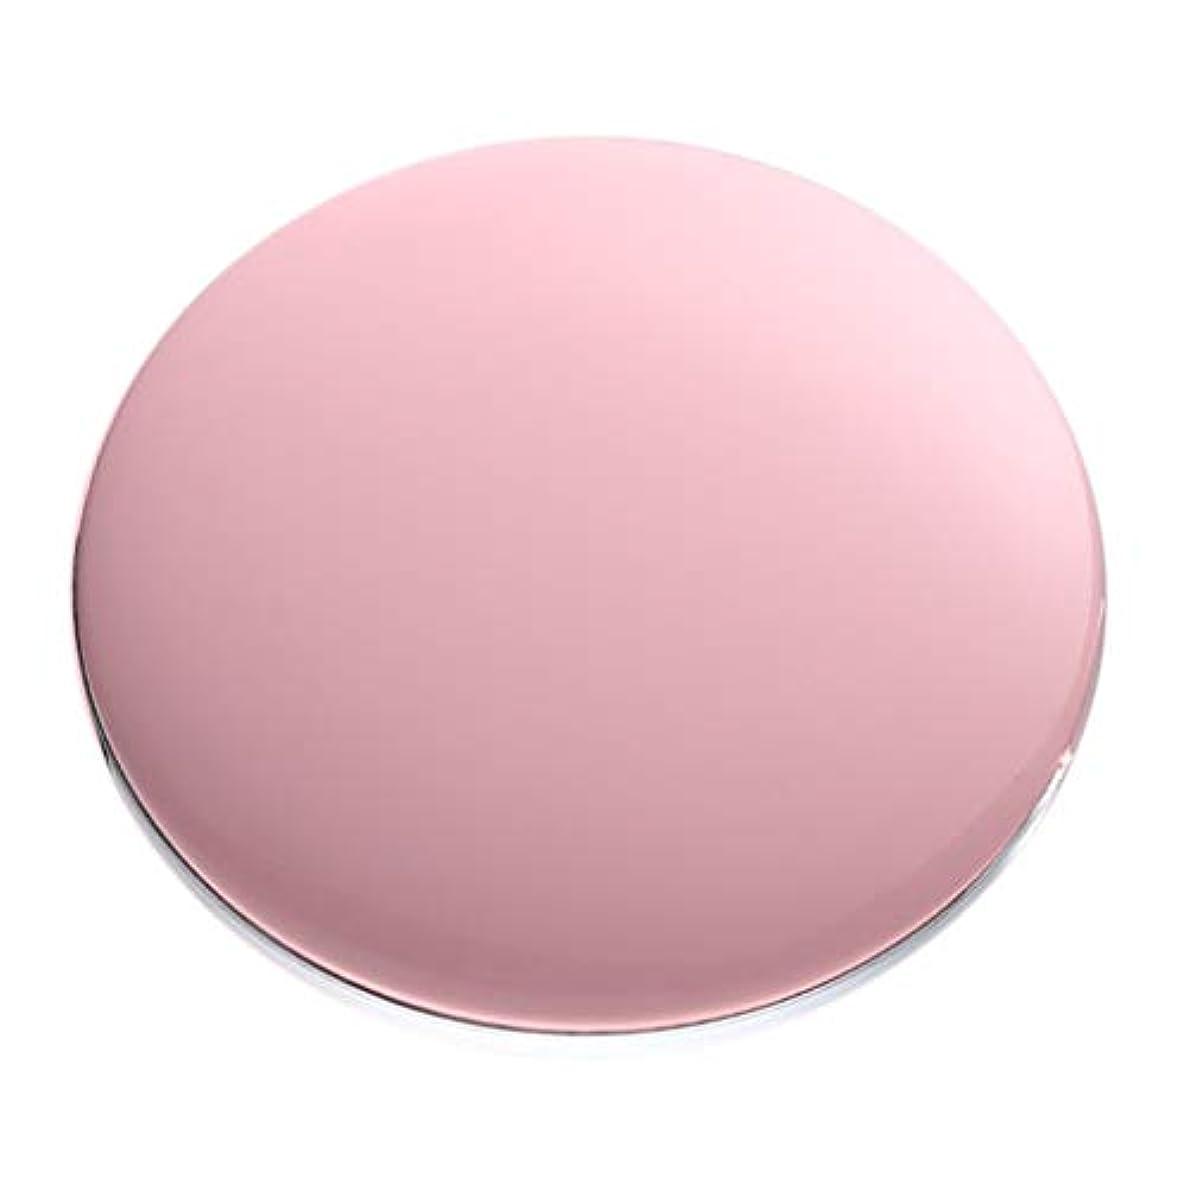 公園近代化するリンクコンパクトミラー 拡大鏡付き 3倍 LED付き 化粧鏡 携帯ミラー 化粧鏡 手持式 持ち運び 全5色 - ピンク